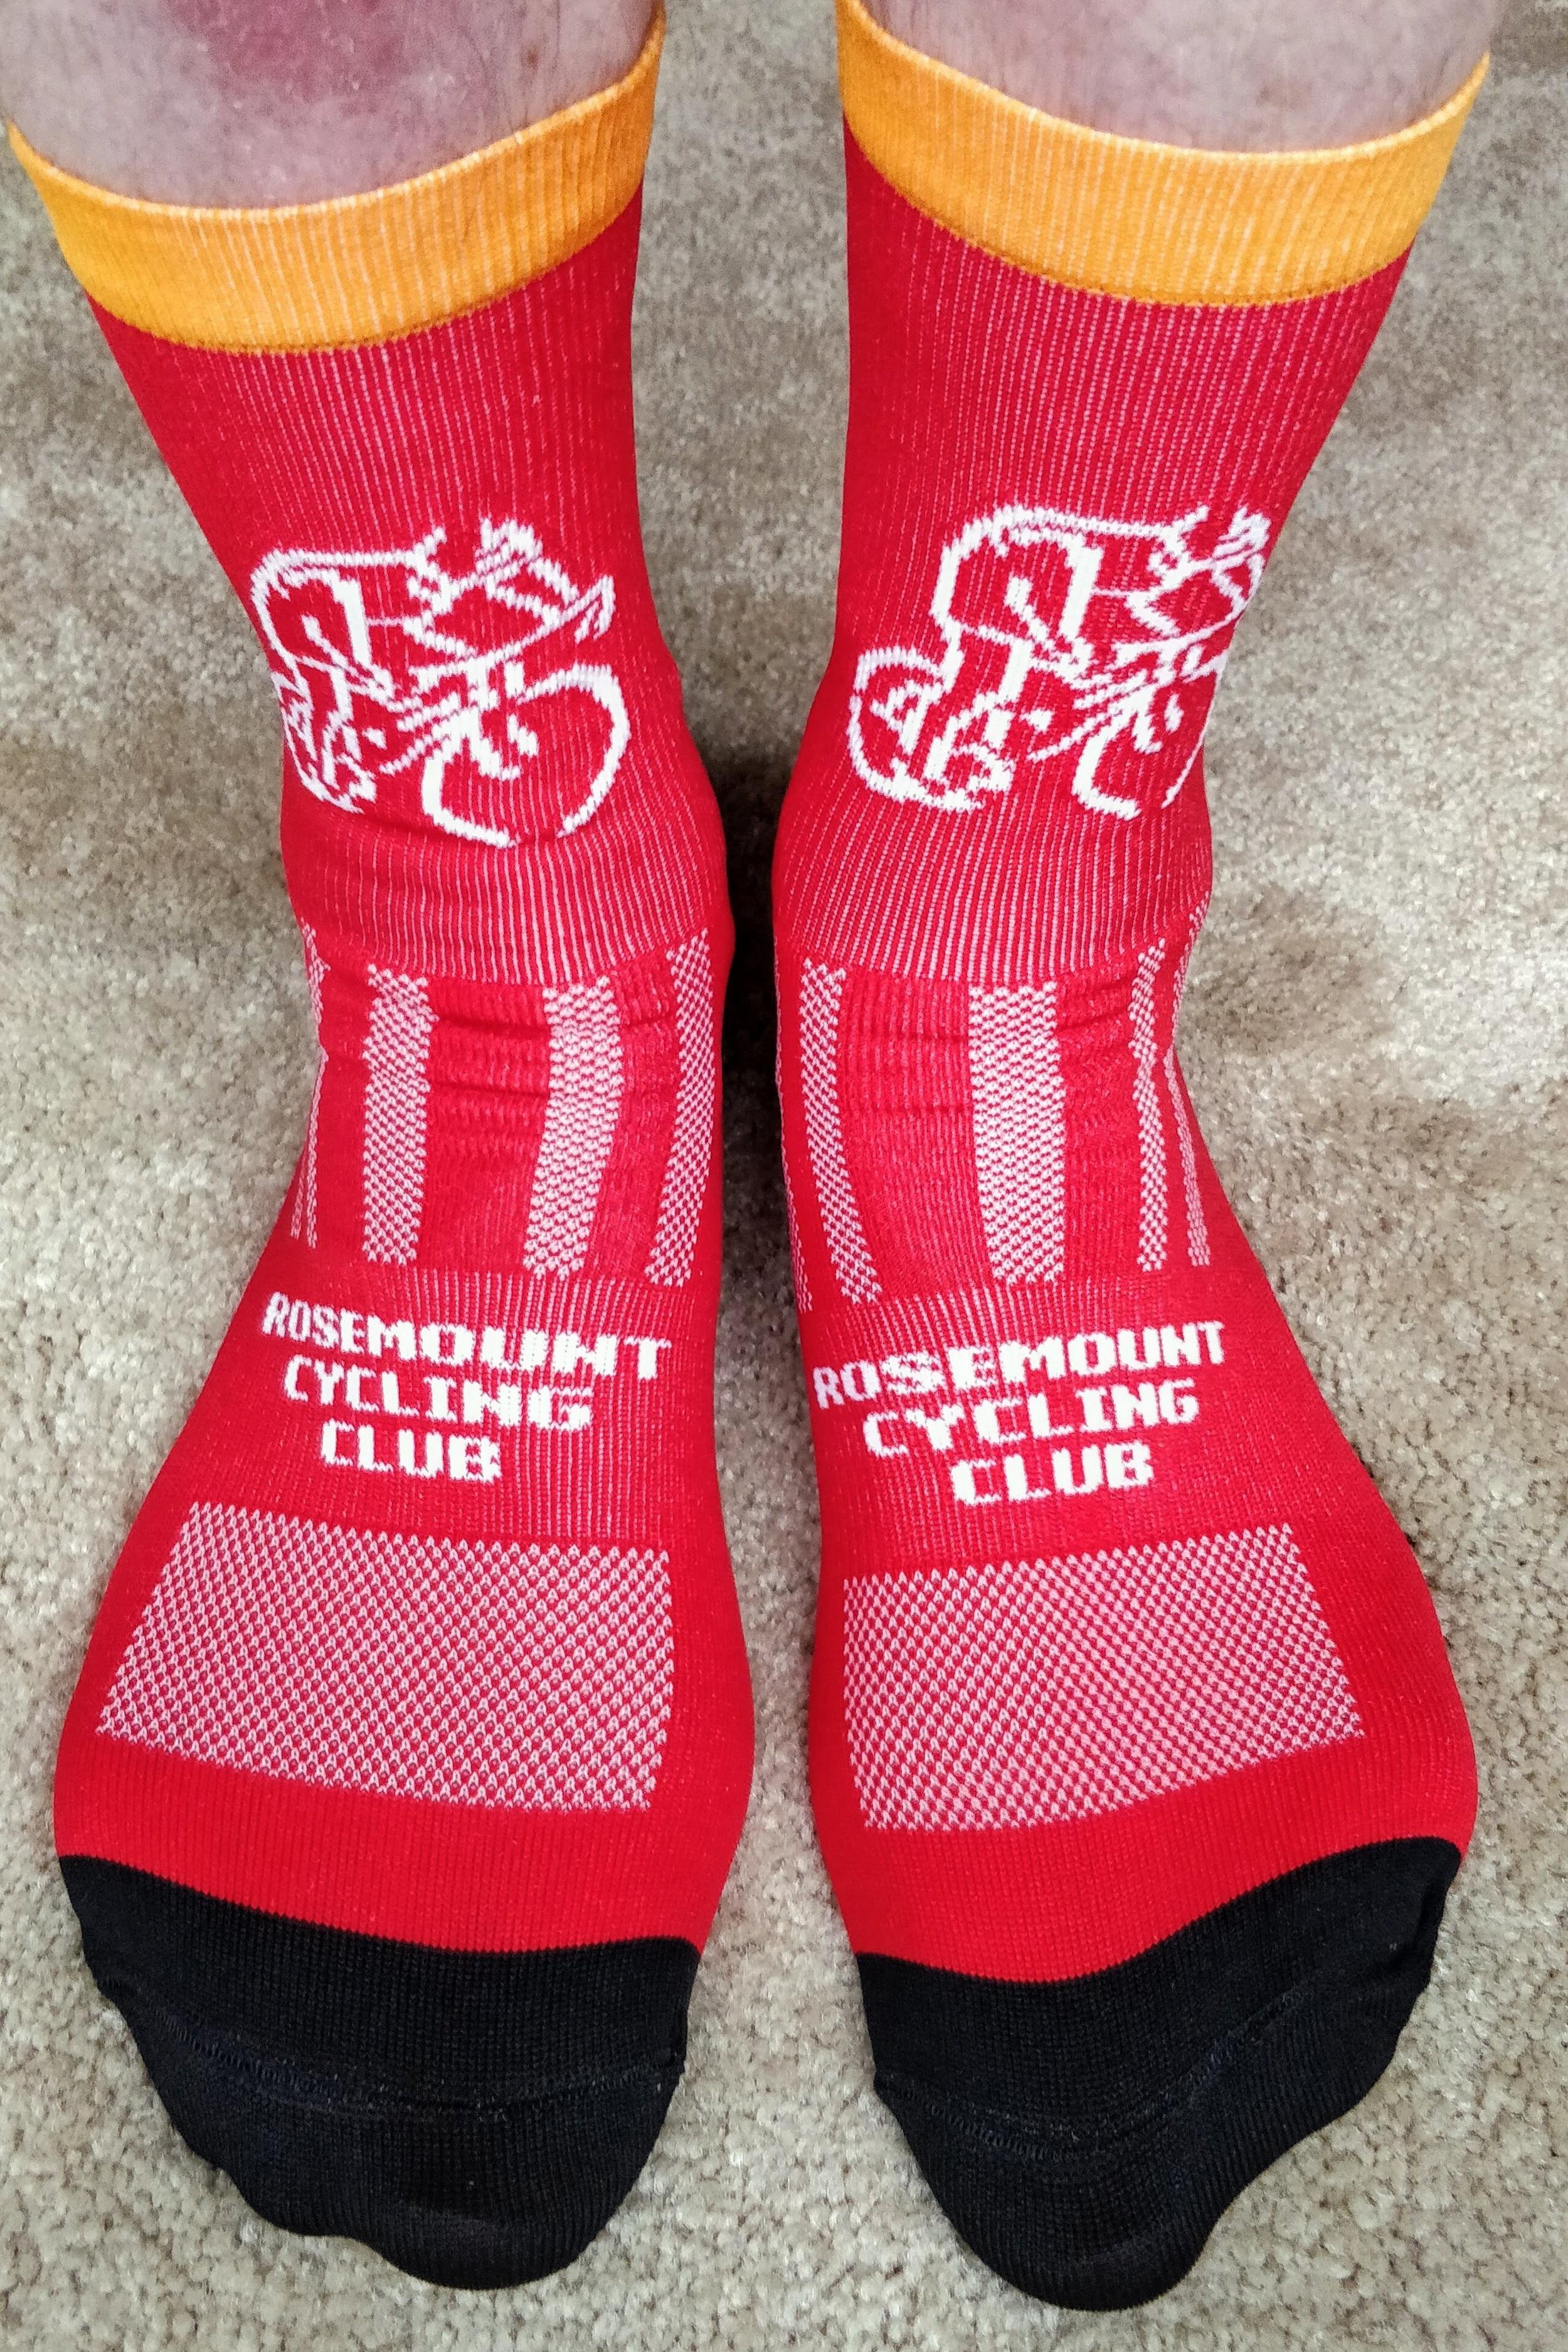 RCC's custom socks for 2019.